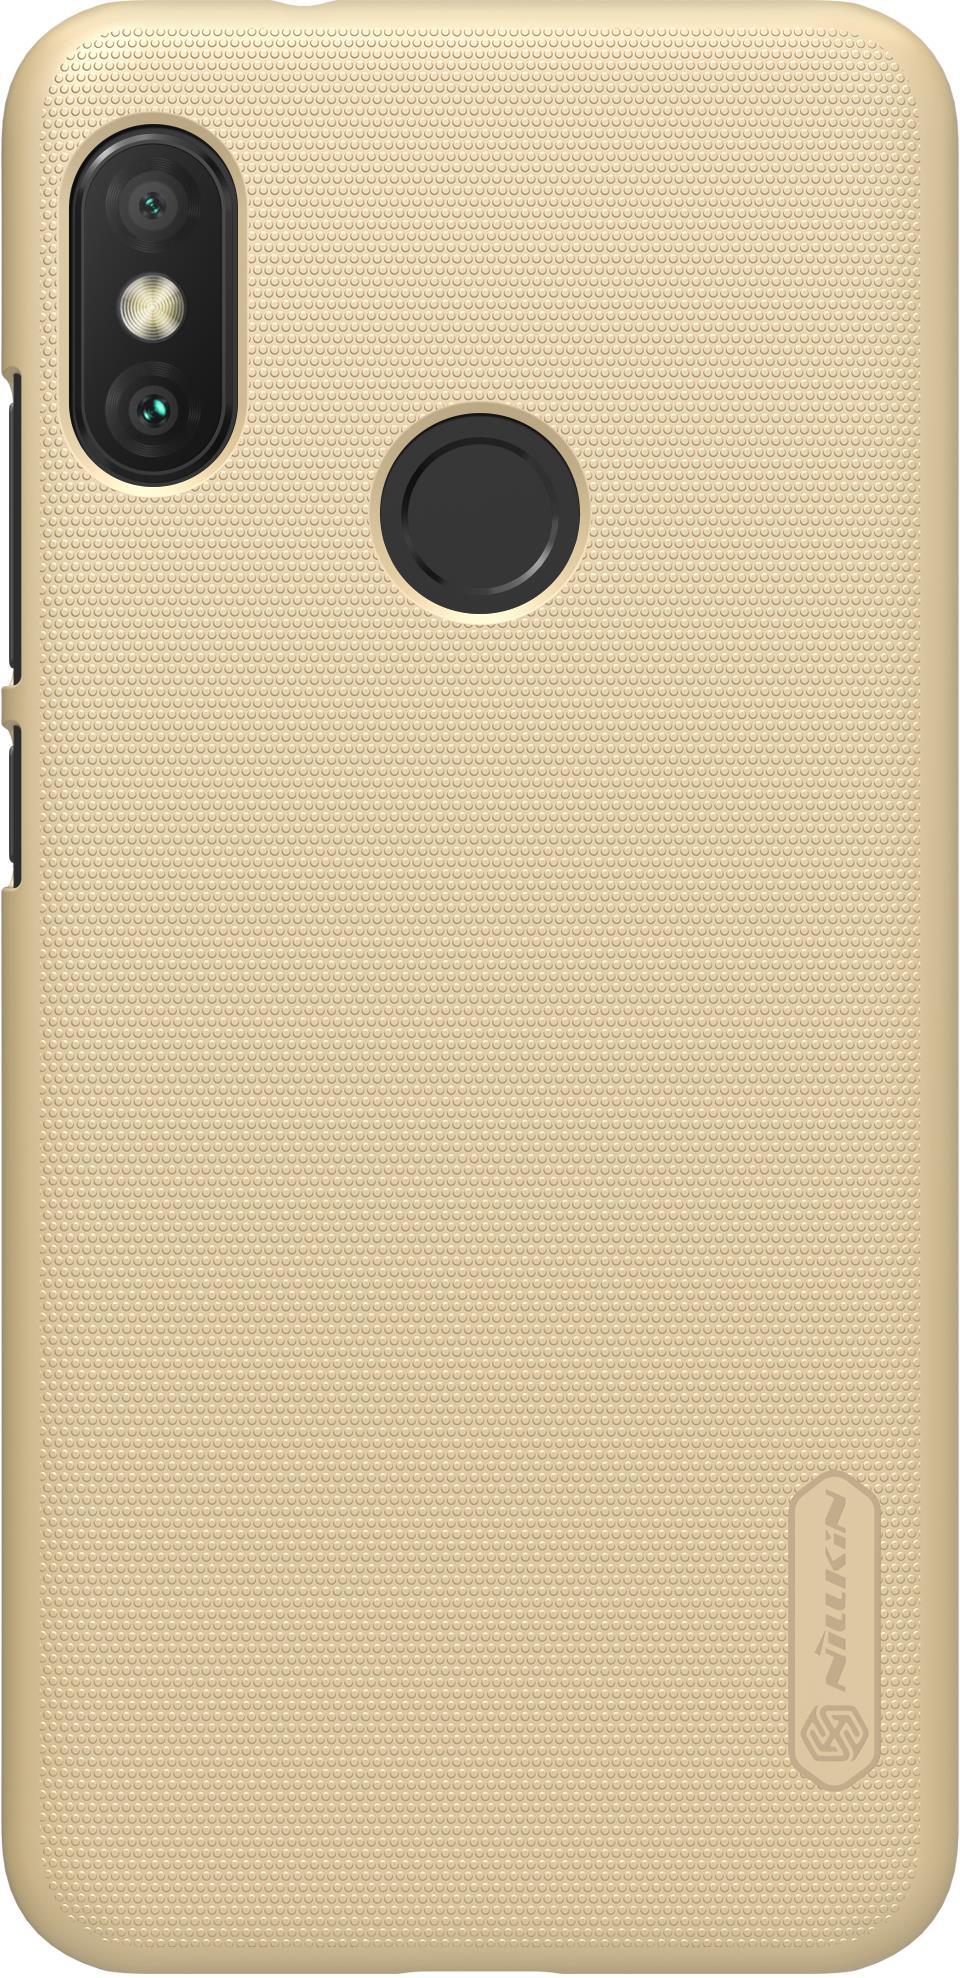 Чехол для сотового телефона Nillkin Super Frosted, 6902048161085, золотой